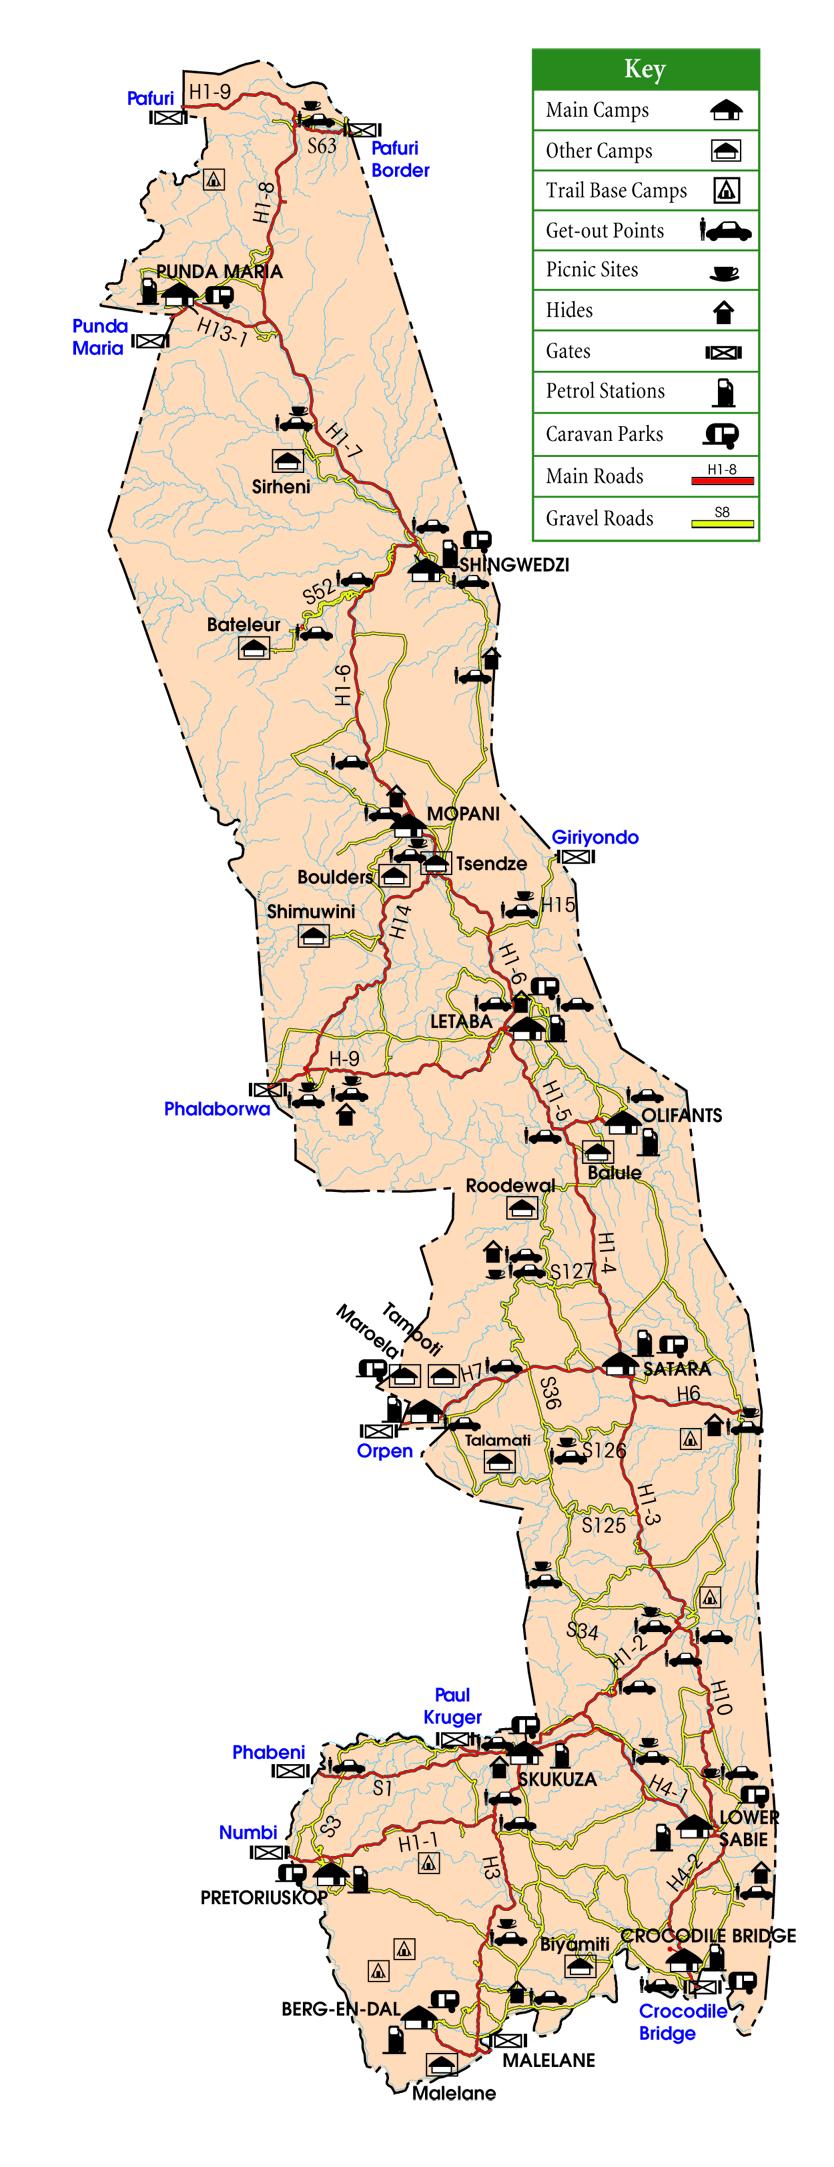 Map of Kruger National Park ©SANParks